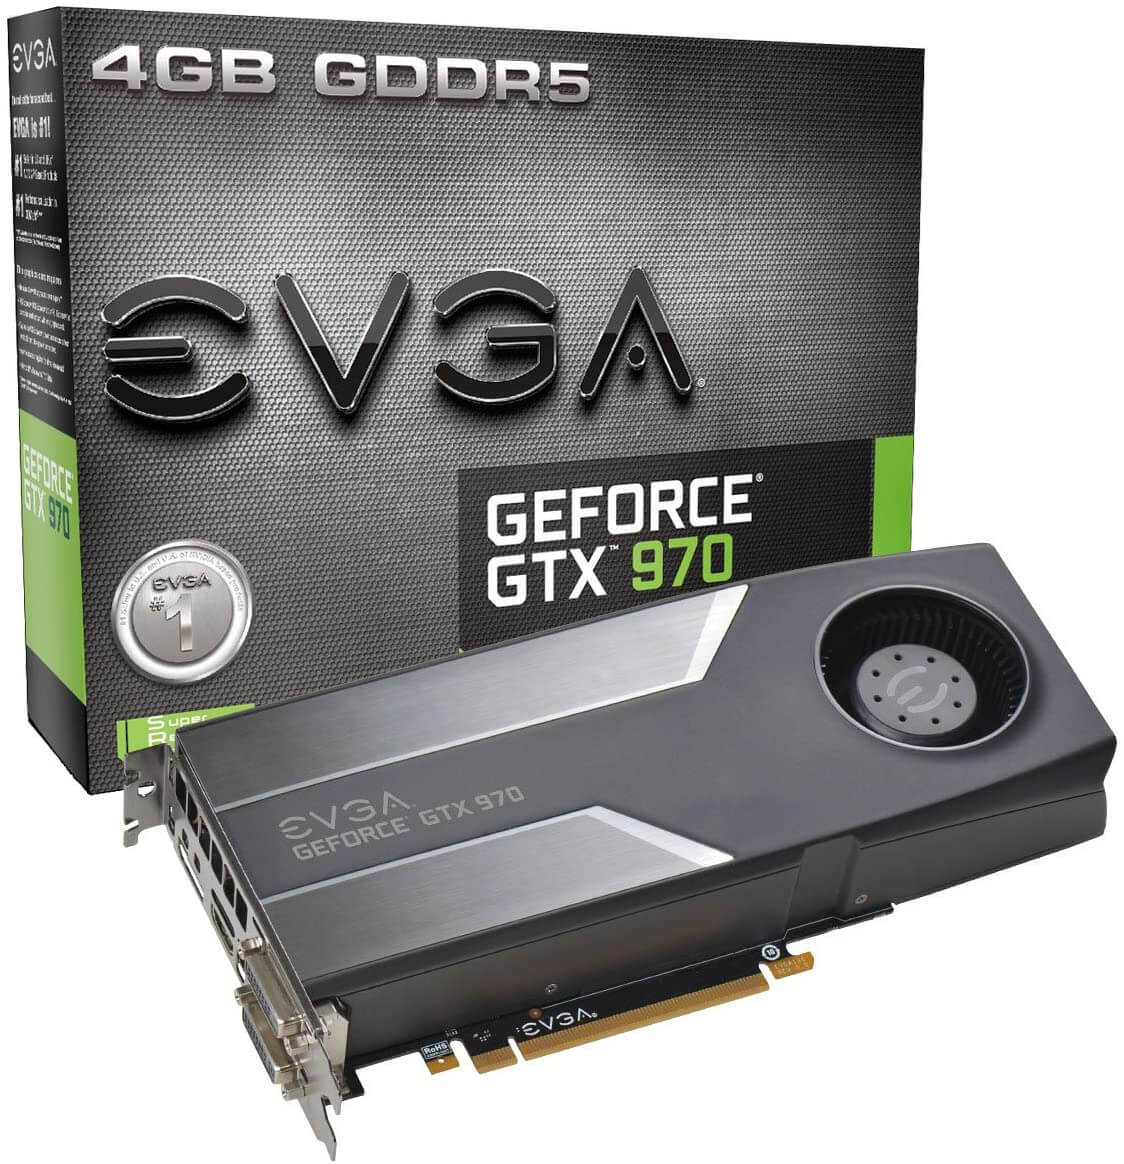 EVGA GTX 970 Graphics Card